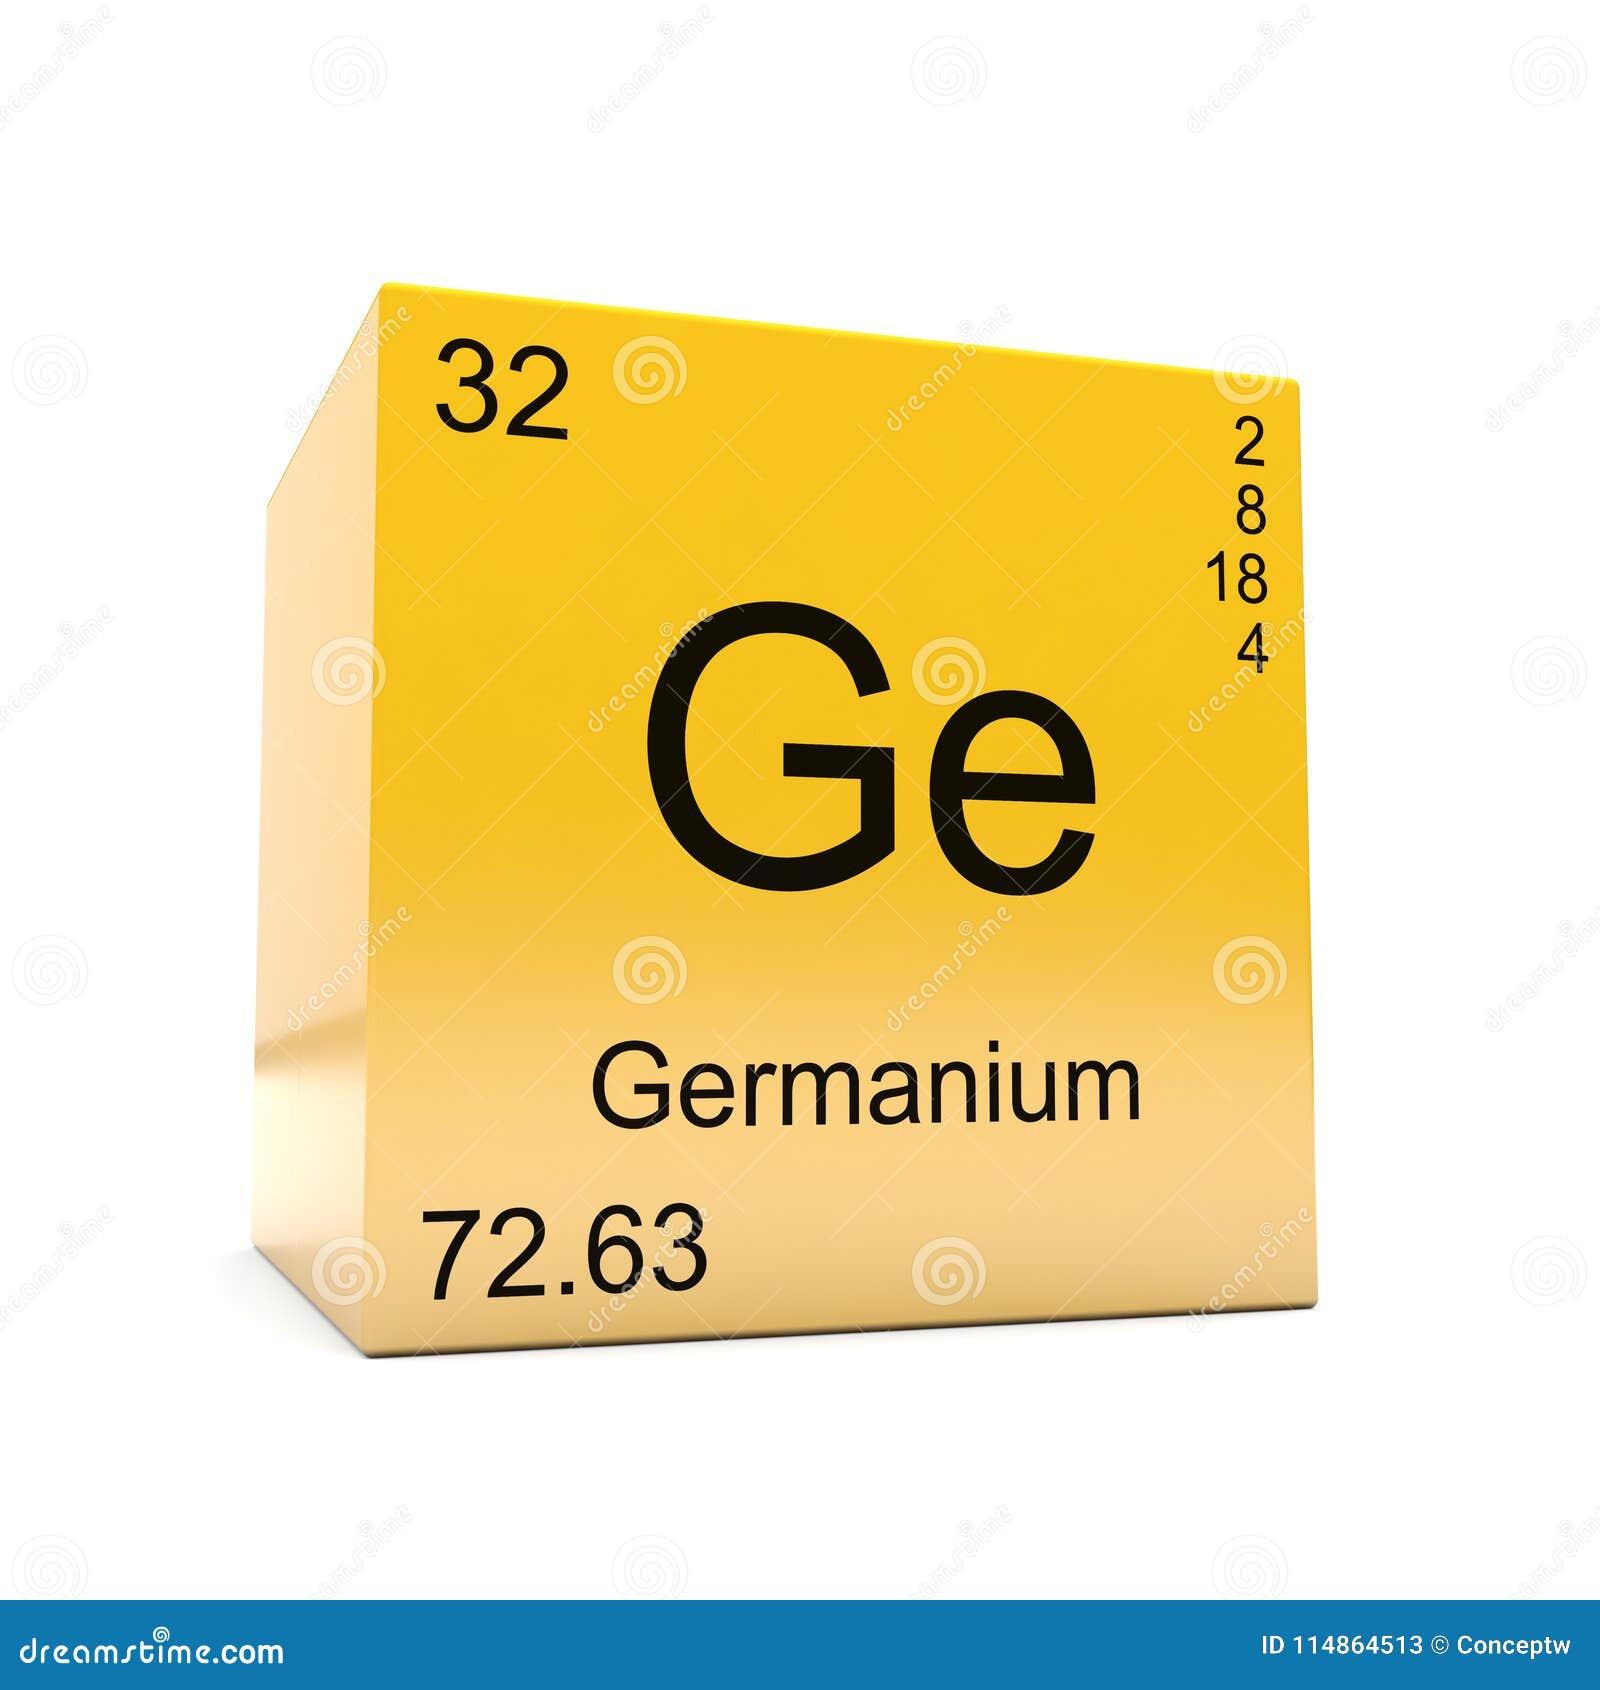 Smbolo del elemento qumico del germanio de la tabla peridica download smbolo del elemento qumico del germanio de la tabla peridica stock de ilustracin ilustracin urtaz Gallery